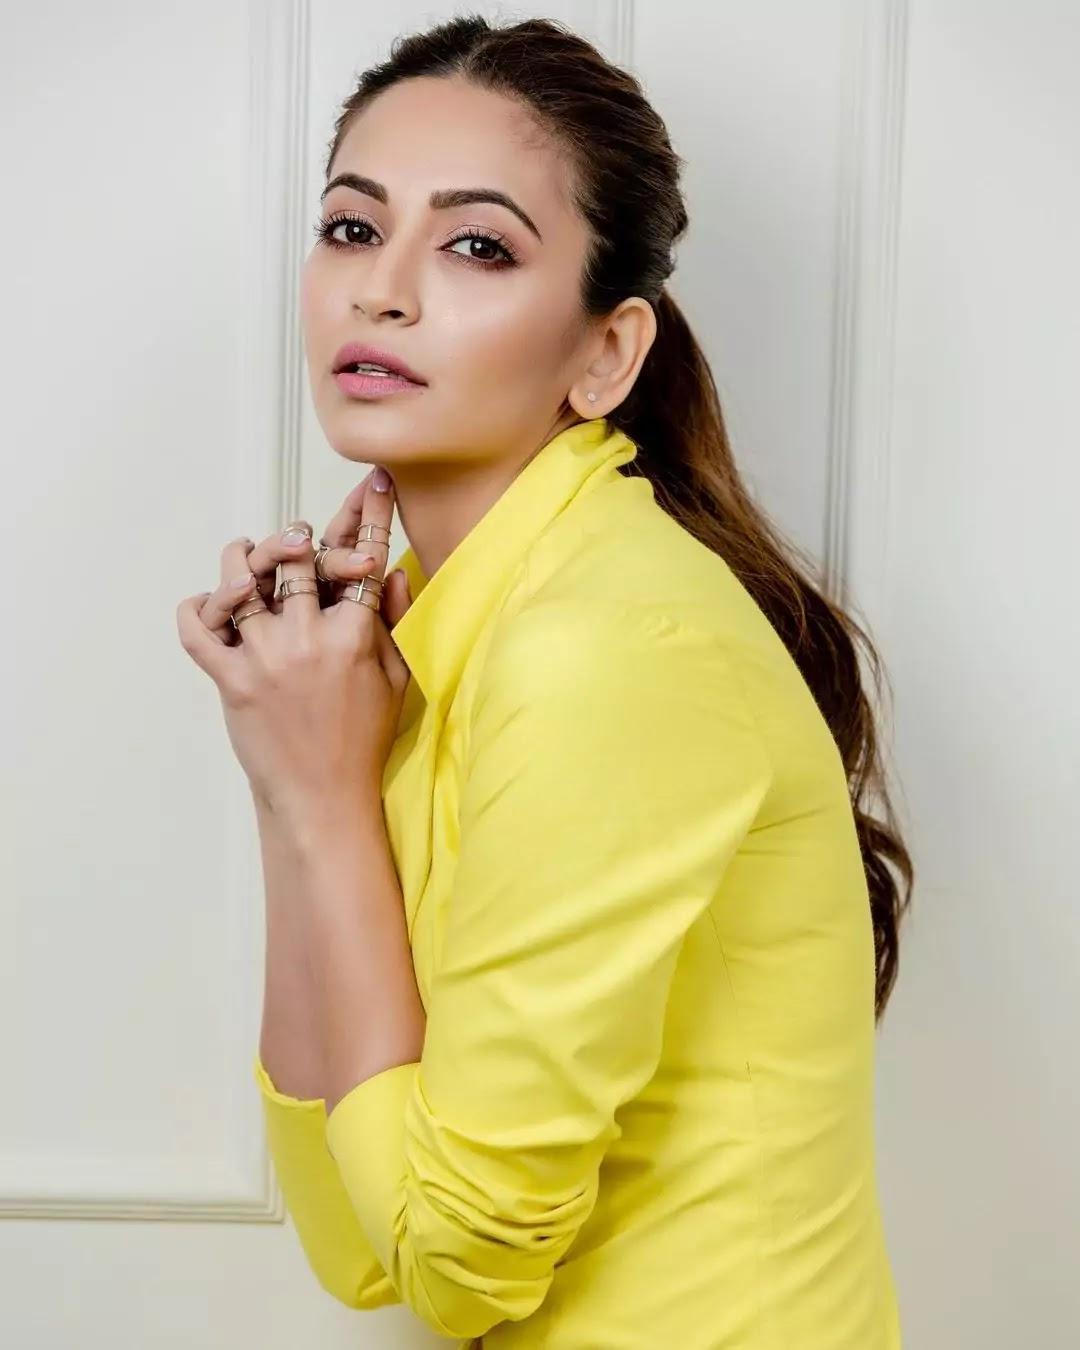 kriti-kharbhanda-hot-looks-in-yellow-blazer-dress